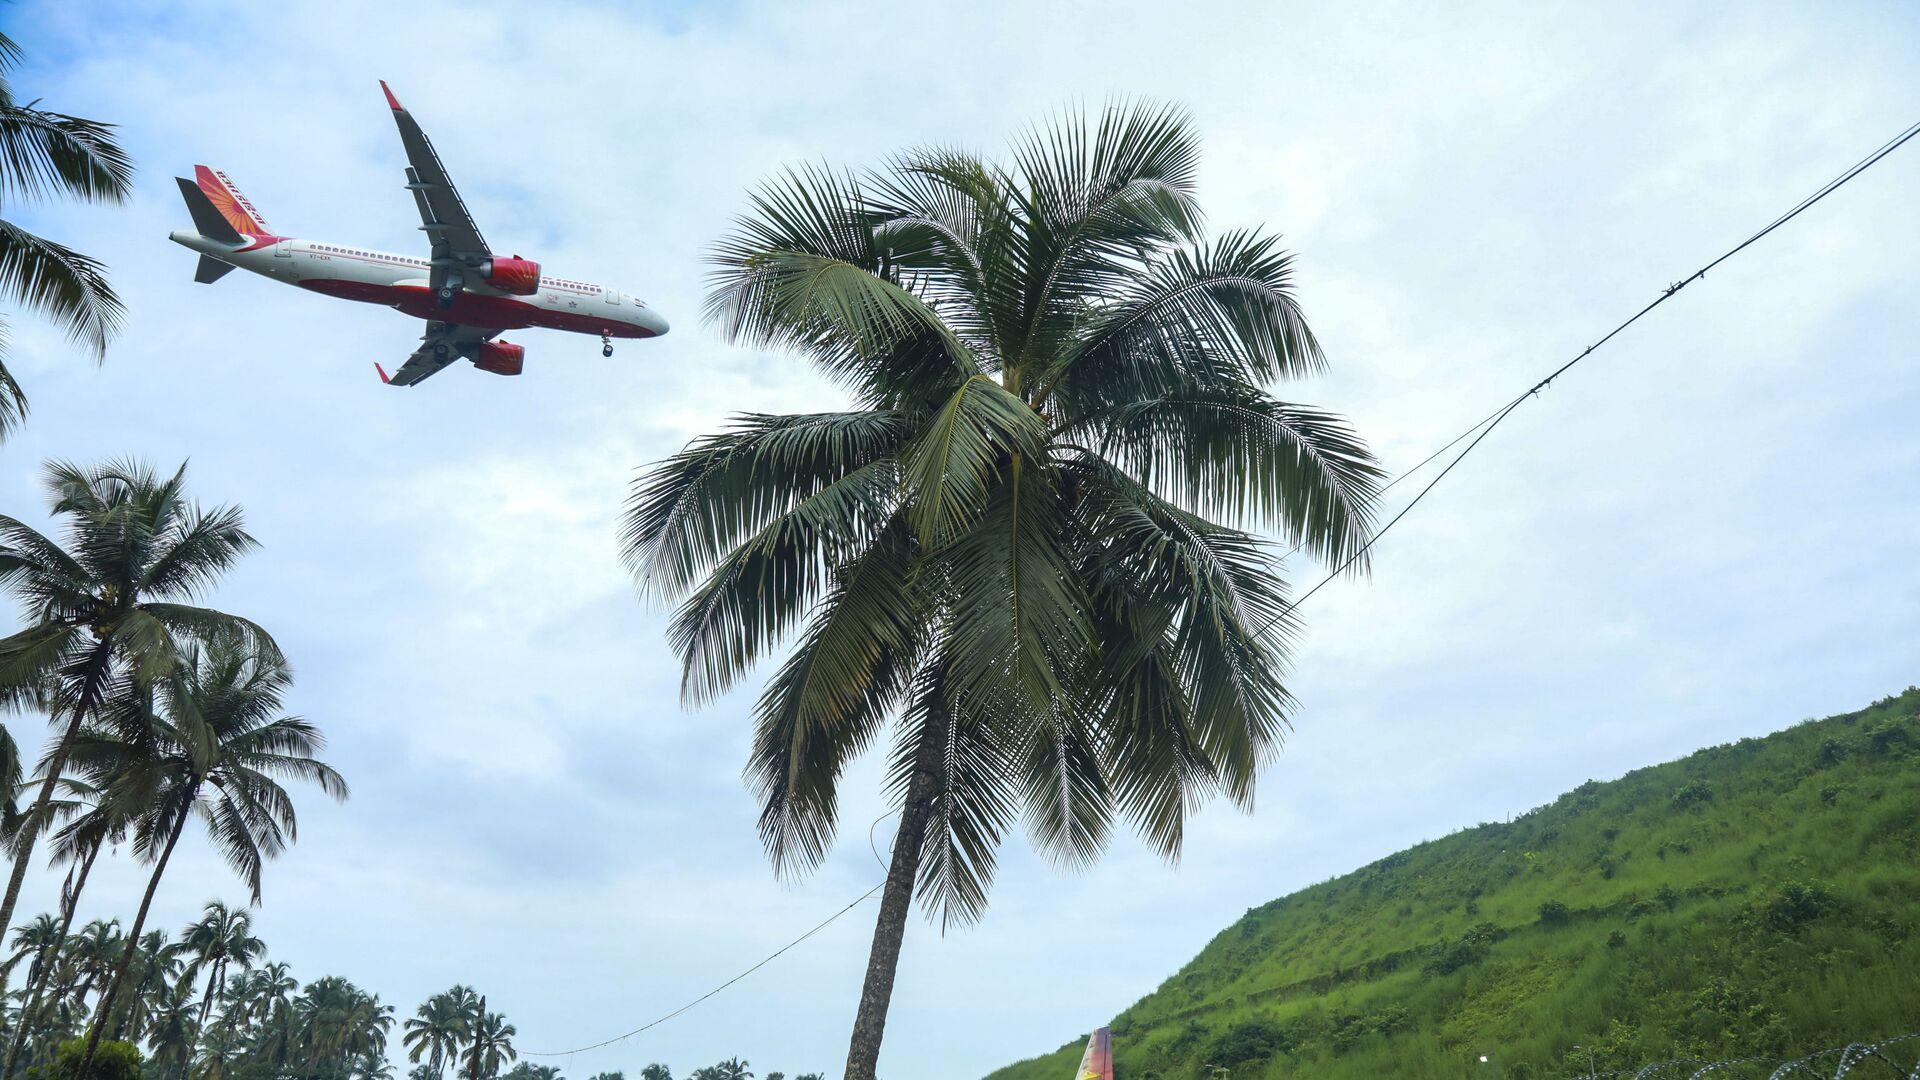 На месте крушения пассажирского самолета Boeing 737 Air India Express в индийском городе Кежикоде, штат Керала, Индия - Sputnik Таджикистан, 1920, 02.07.2021